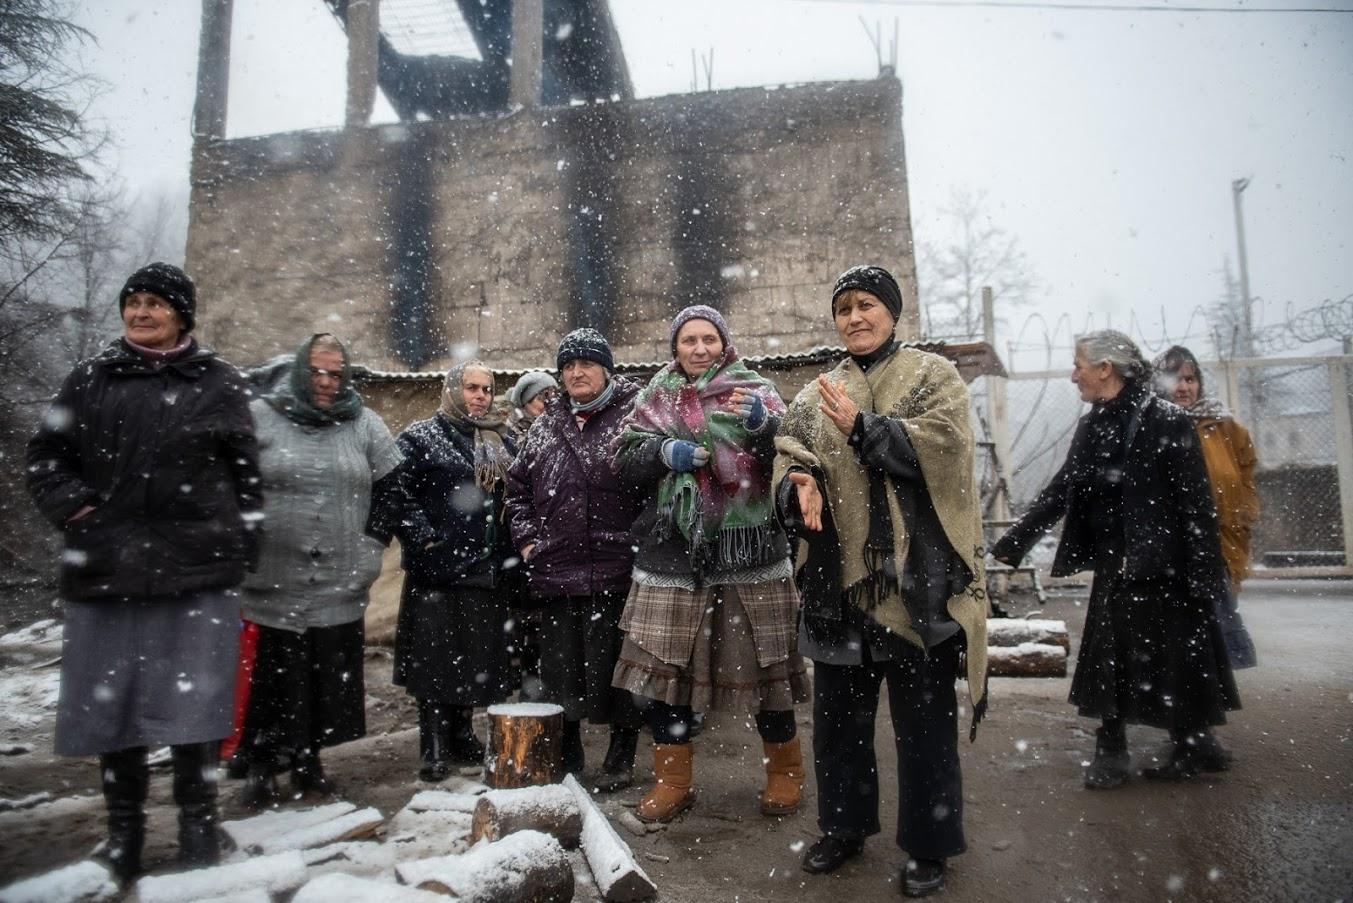 Протестующие на месте долгосрочной акции в ноябре 2020 года. Фото: Мариам Никурадзе/OC Media